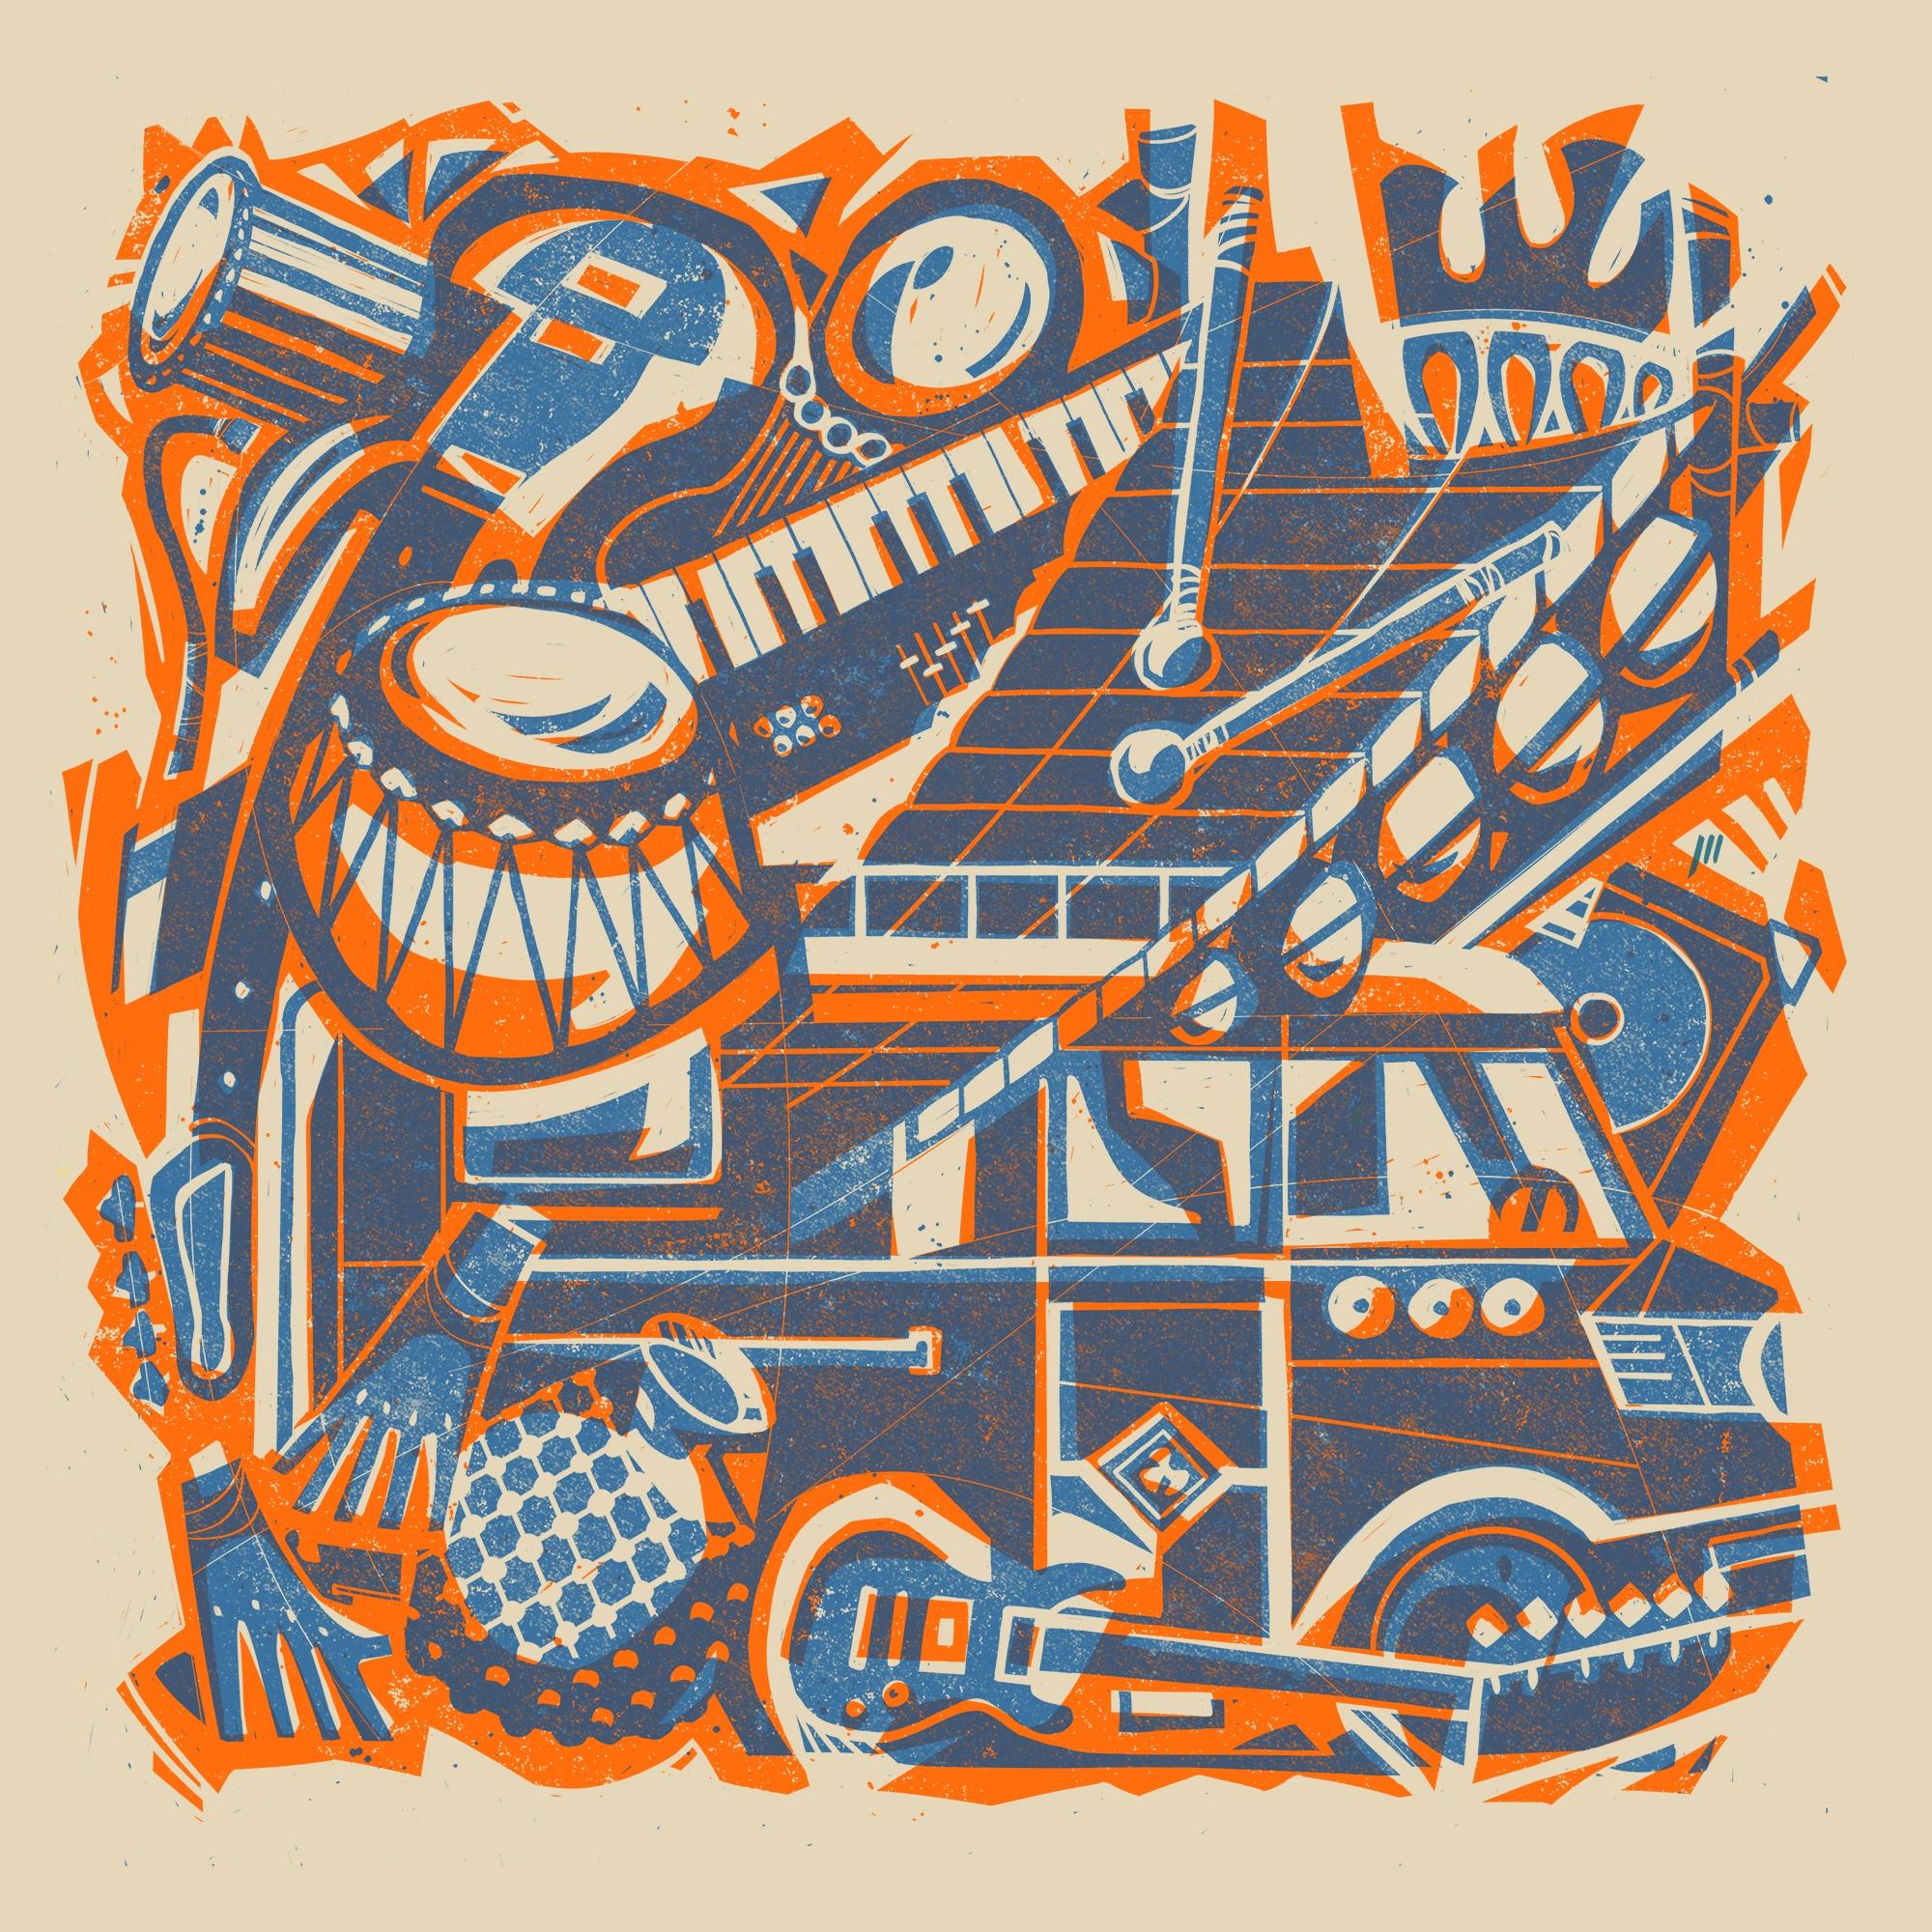 Faratuben-Cover